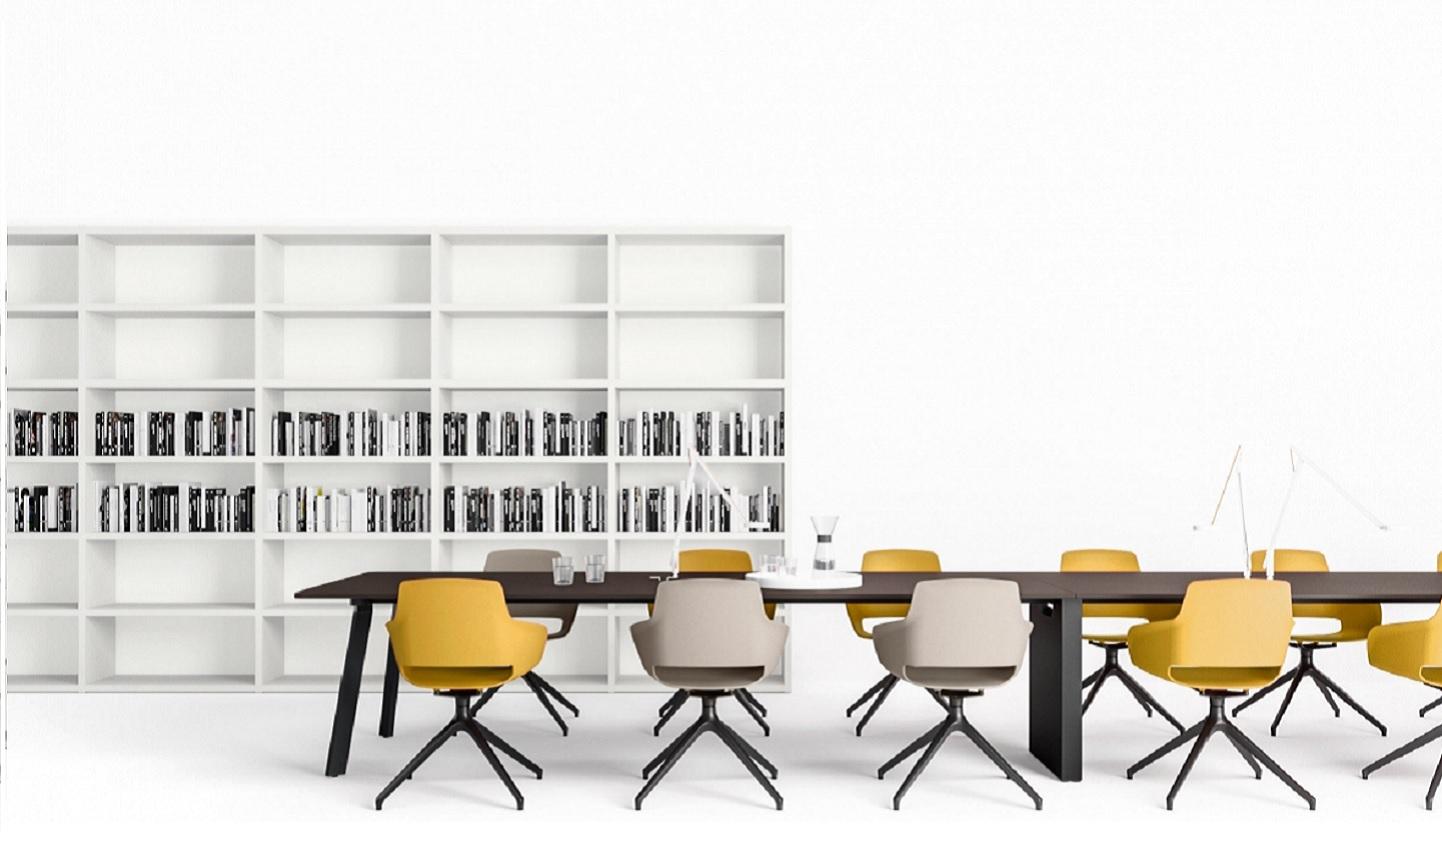 Chi siamo arredamenti mobili sedute ufficio Torino | ADV.EU